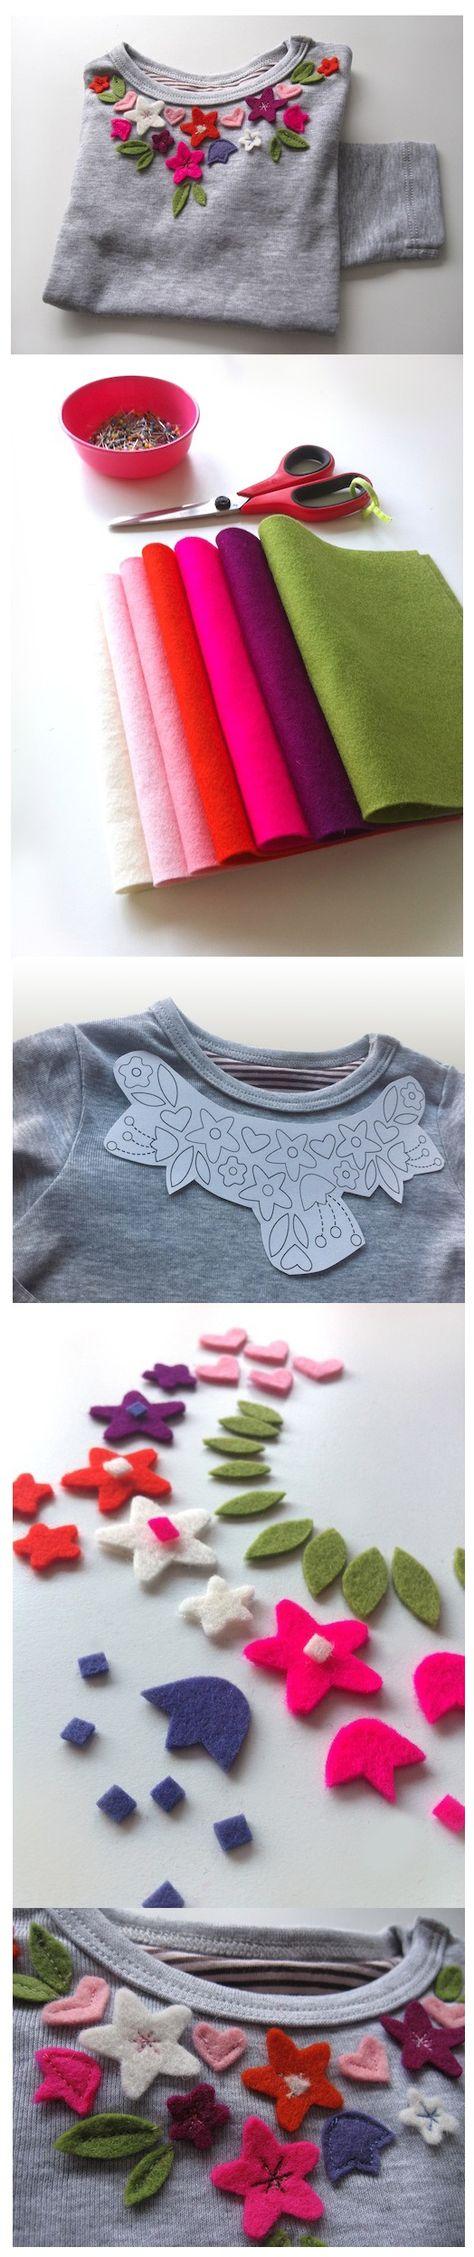 ( tutorial, diy clothes,reciclar , idea, ropa , personalizar ropa, diy ,fielro, felt, flores, flowers, fashion)